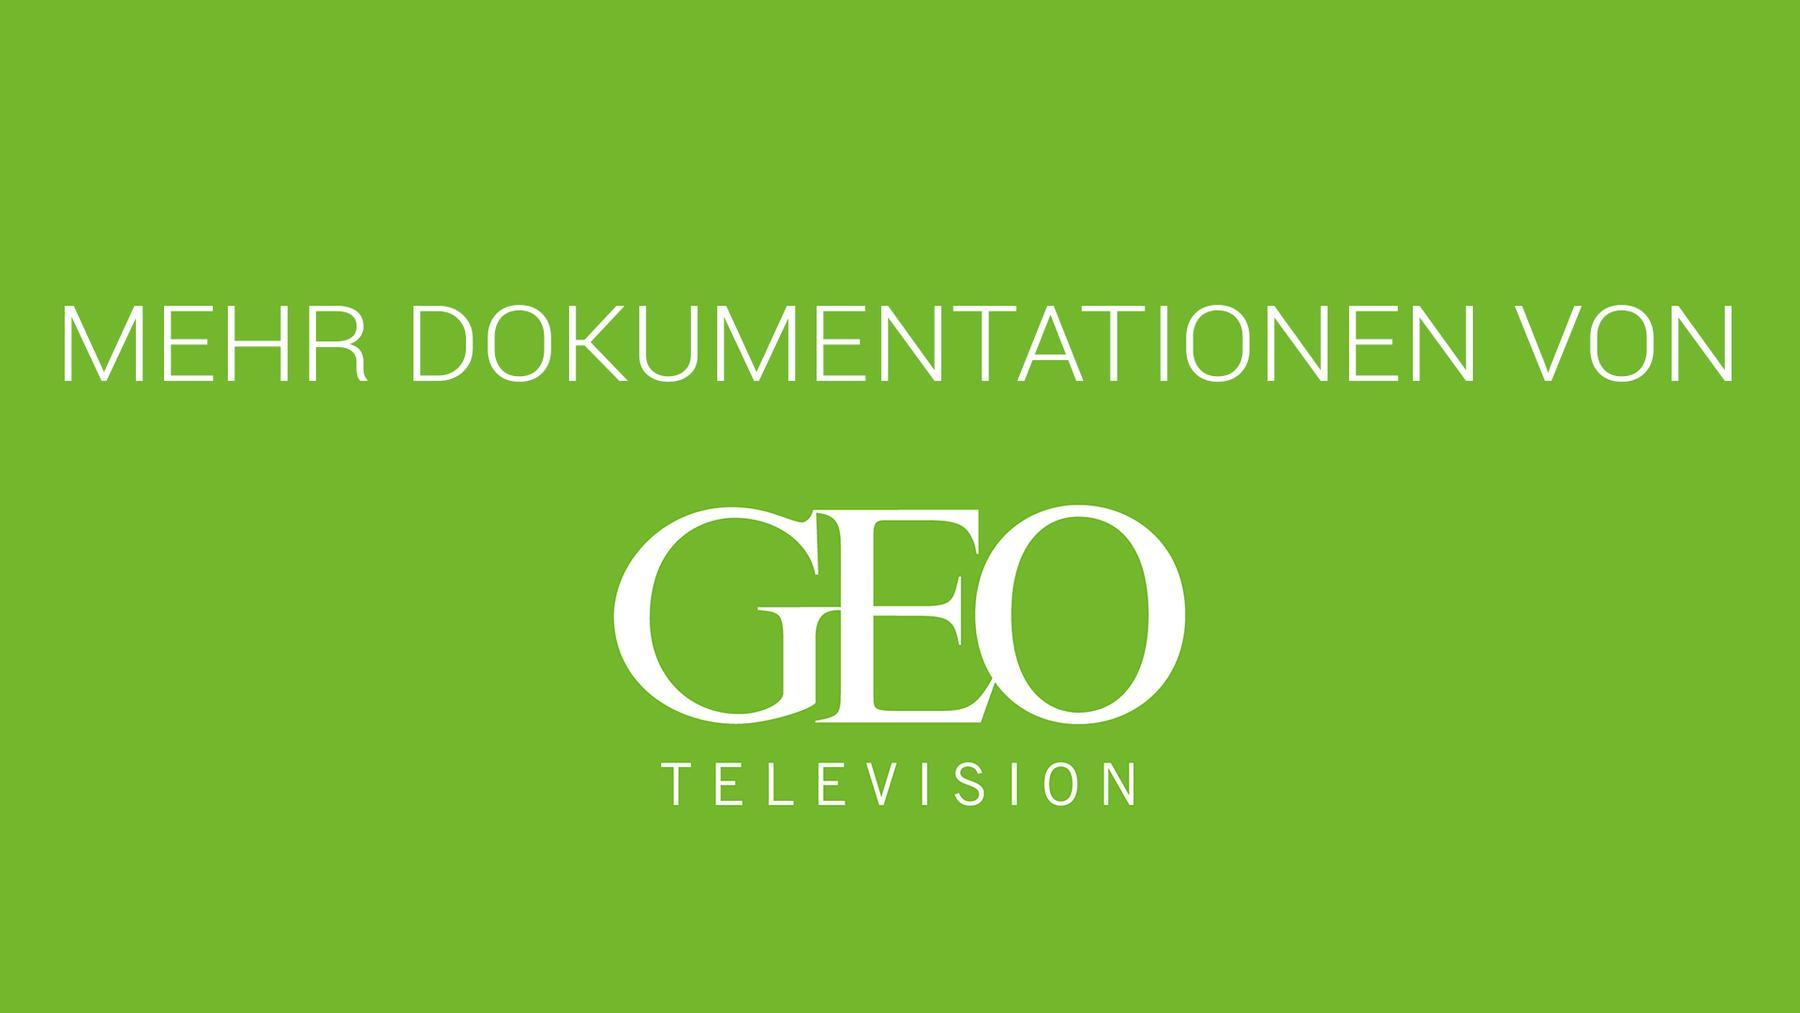 Mehr Dokumentationen von GEO